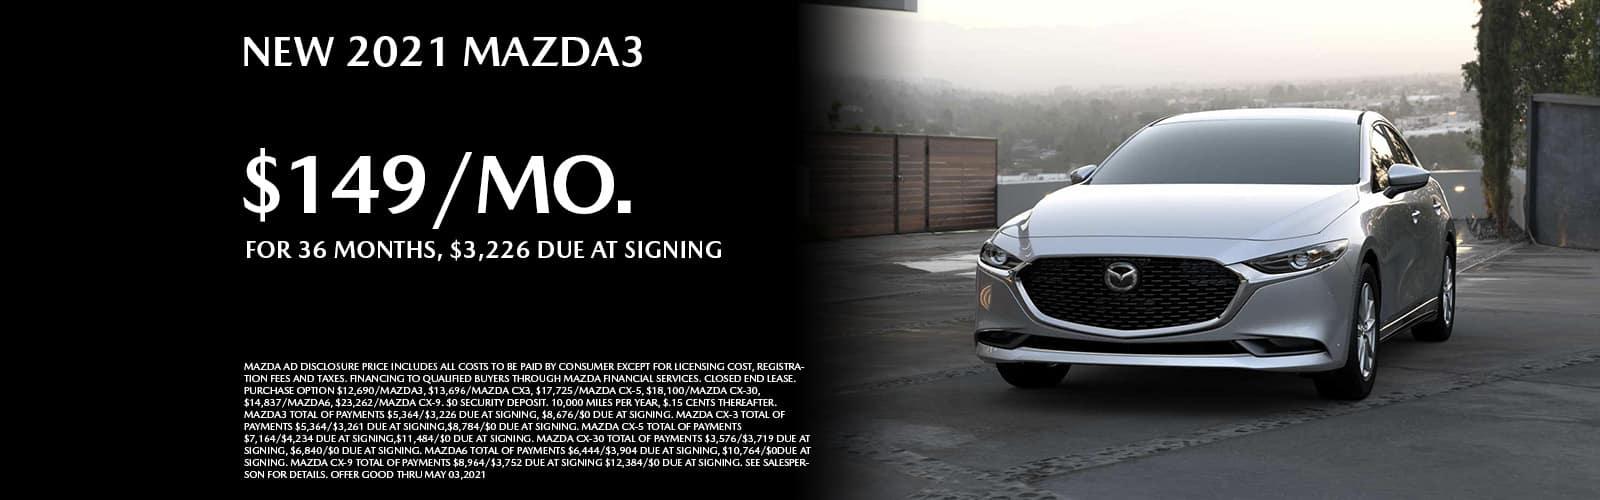 YoungMazda_Sliders_Mazda3 (3)